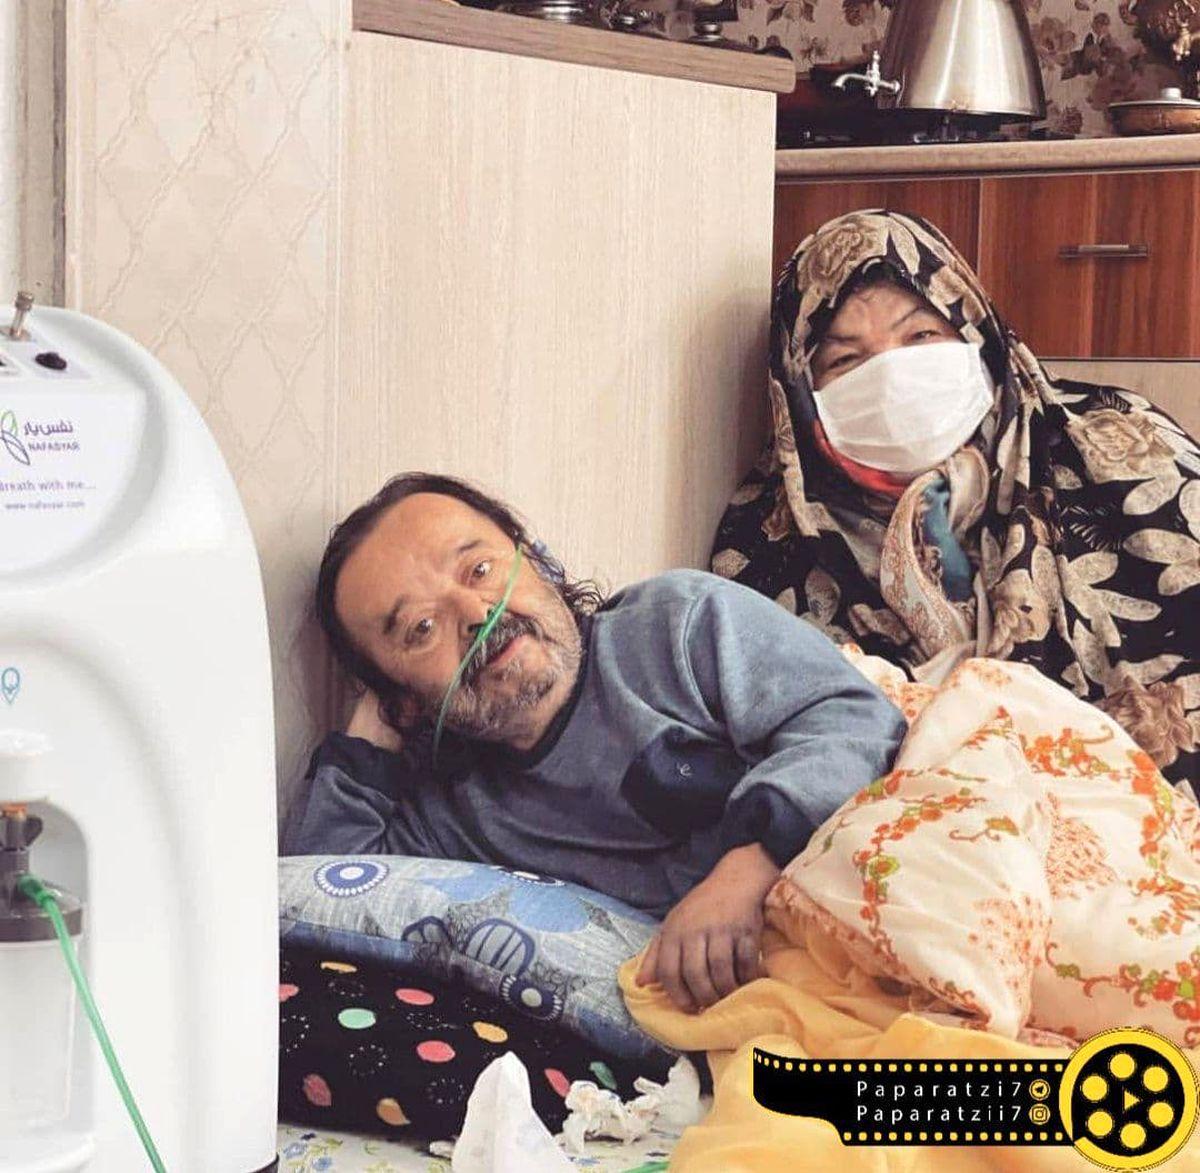 اسدالله یکتا در کنار همسرش بعد از ترخیص در خانه +عکس